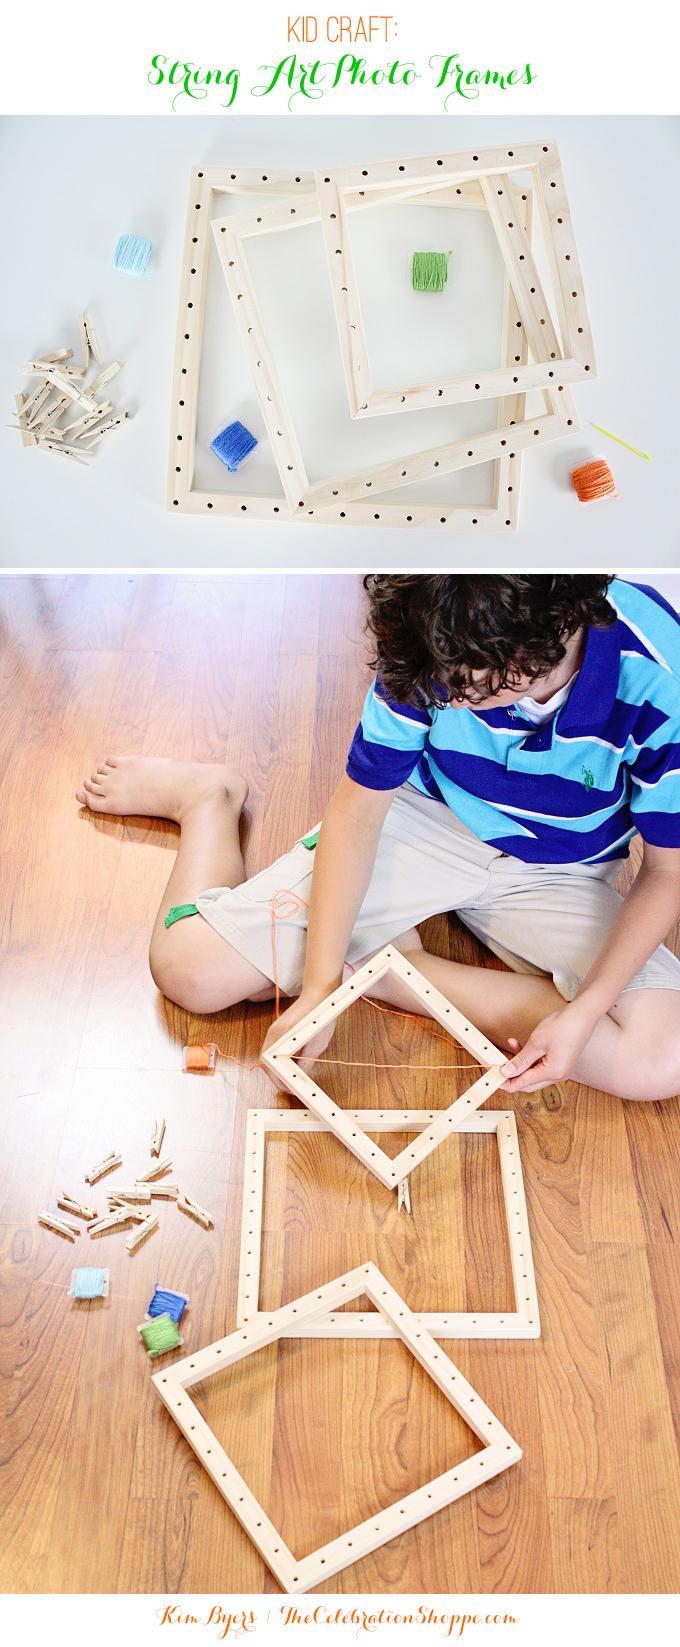 We Made It by Jennifer Garner String Art Photo Frames Kit.